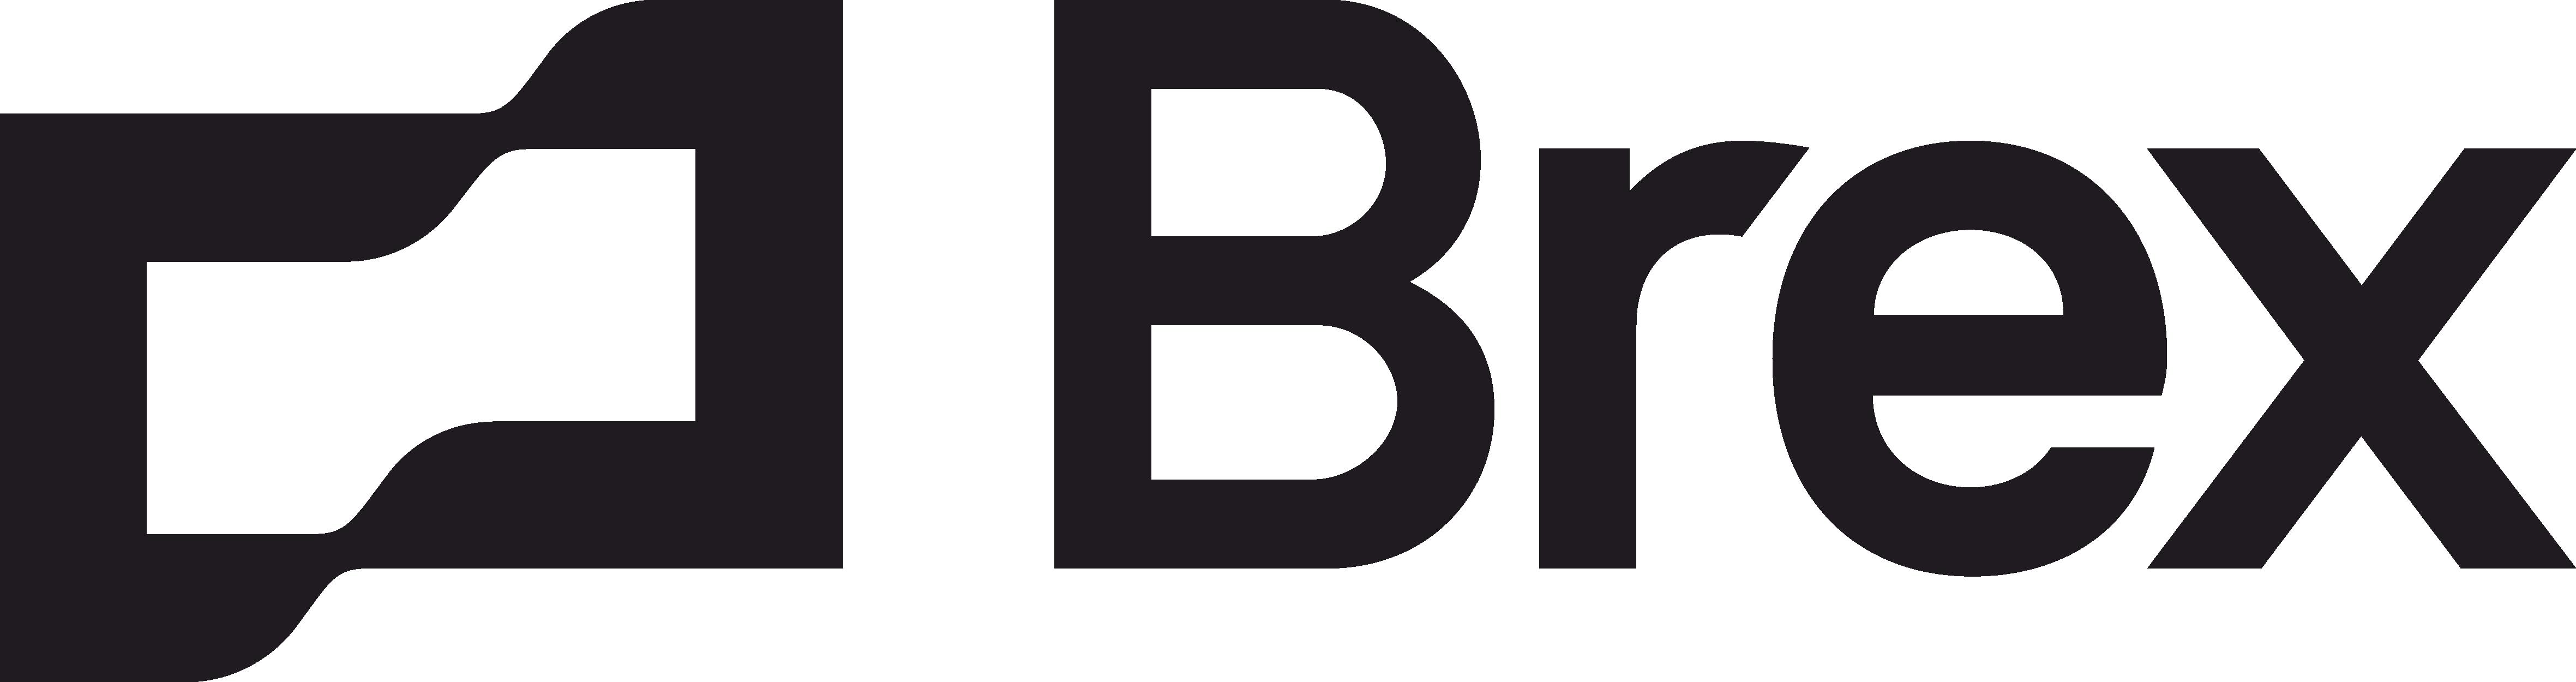 Brex Lockup_Logo_Black